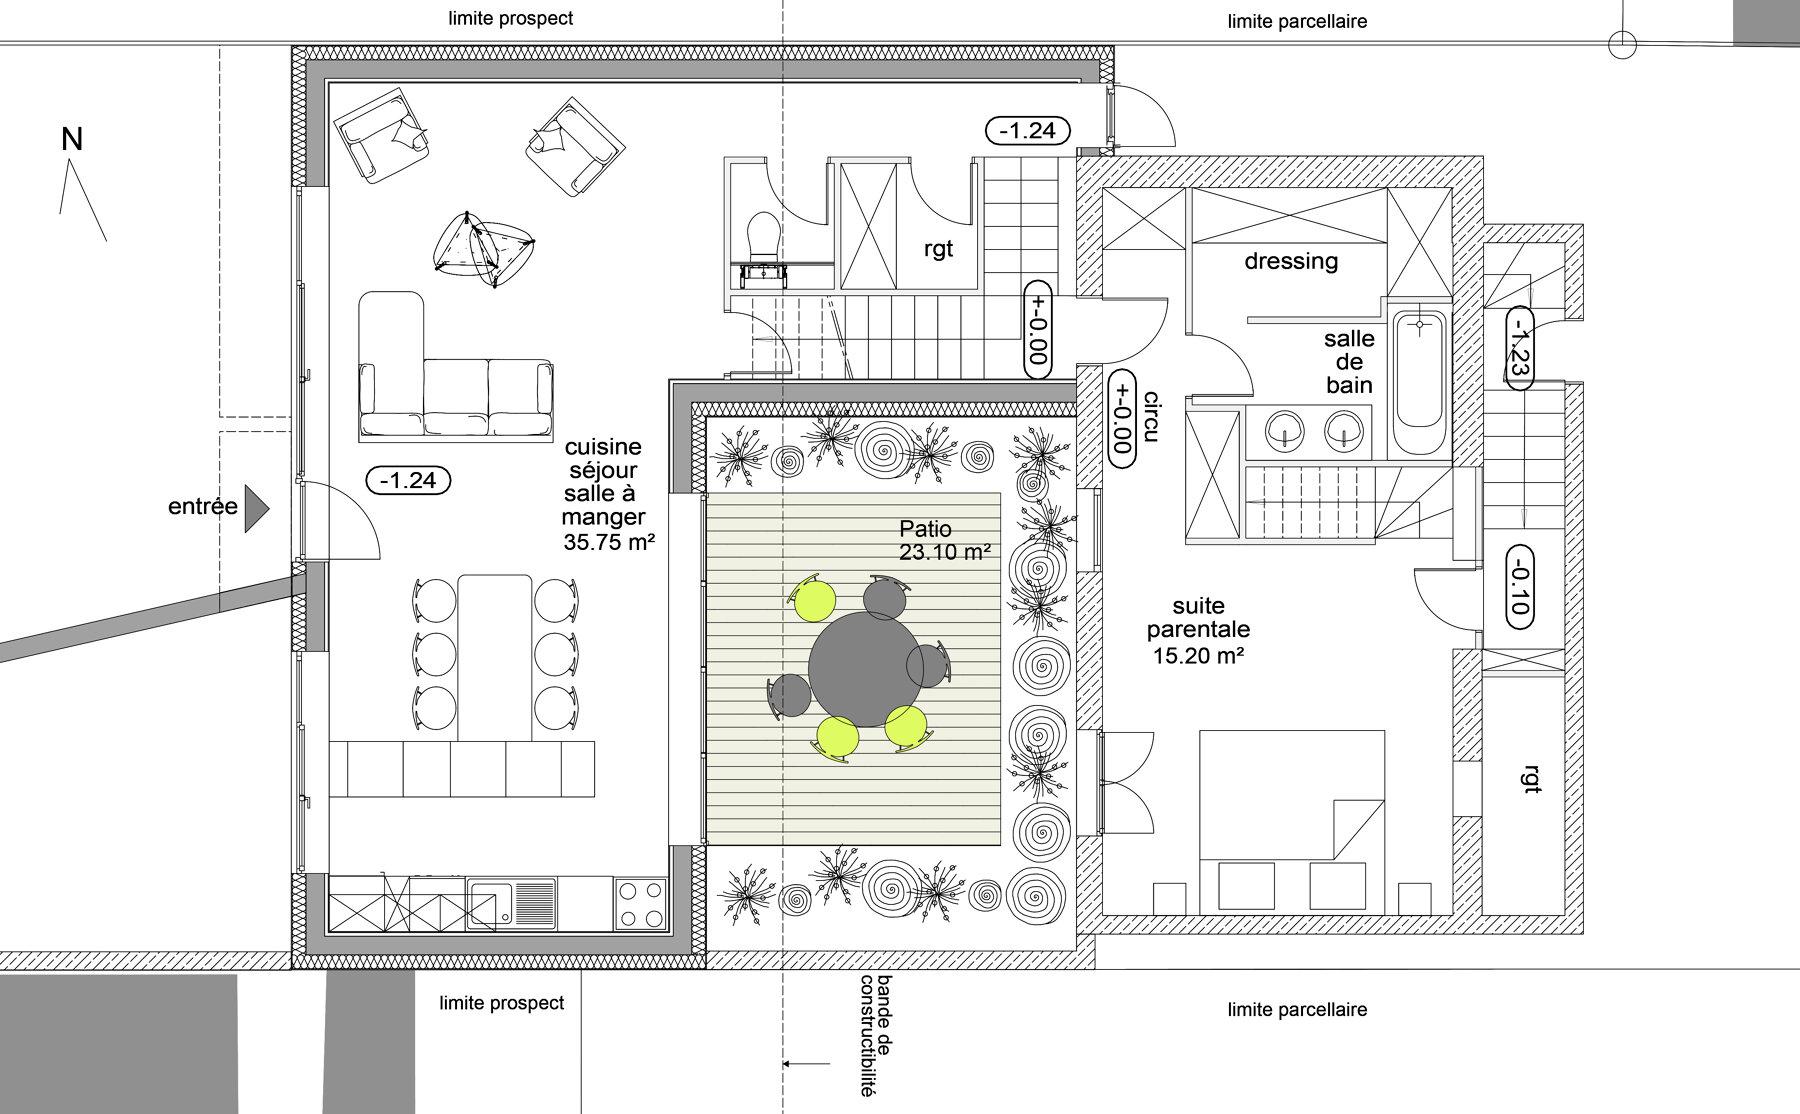 Extension - Maison individuelle par un architecte Archidvisor